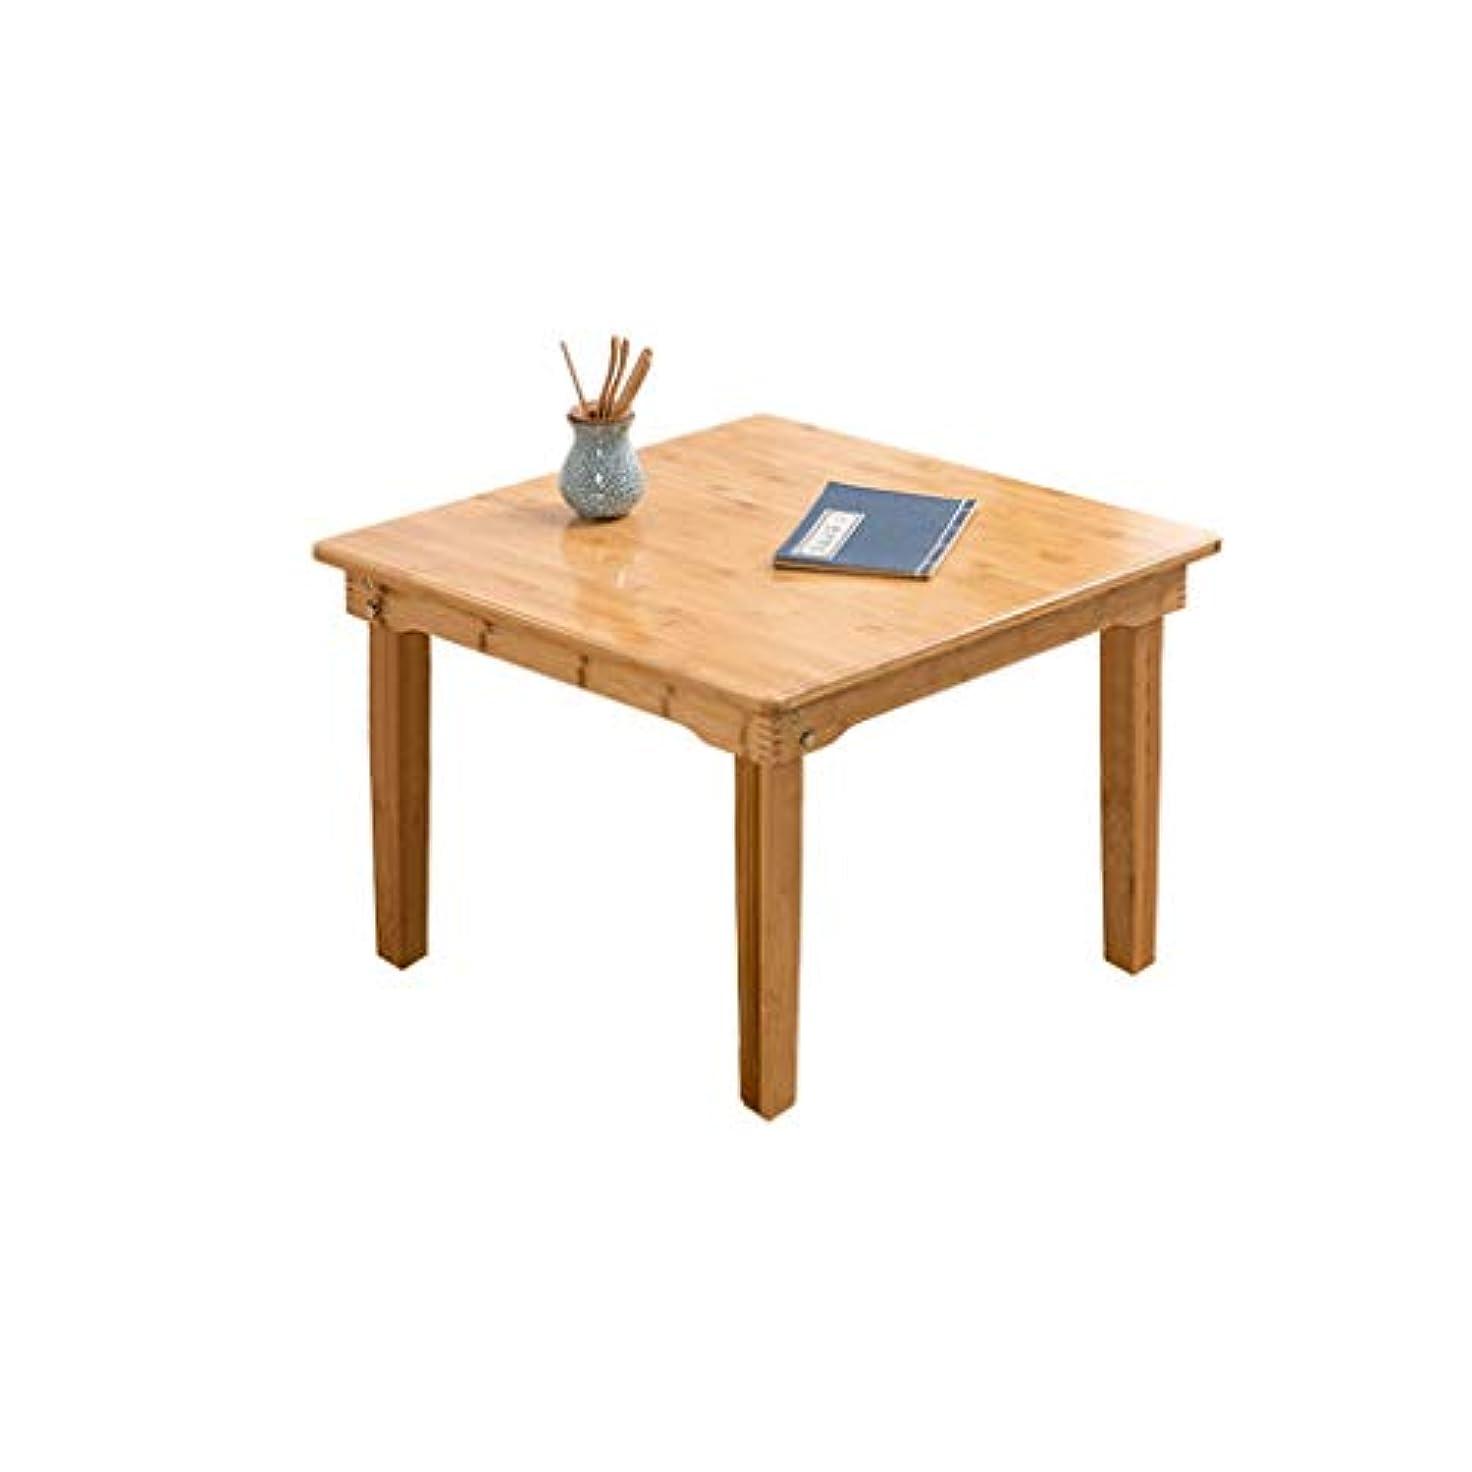 口述ミニチュア危険にさらされているWangYi 折りたたみ式テーブル- 和風のシンプルな折りたたみ式テーブル、寝室のドミトリーバルコニーデスクのコーヒーテーブル (色 : 原色, サイズ さいず : 80x80x37cm)